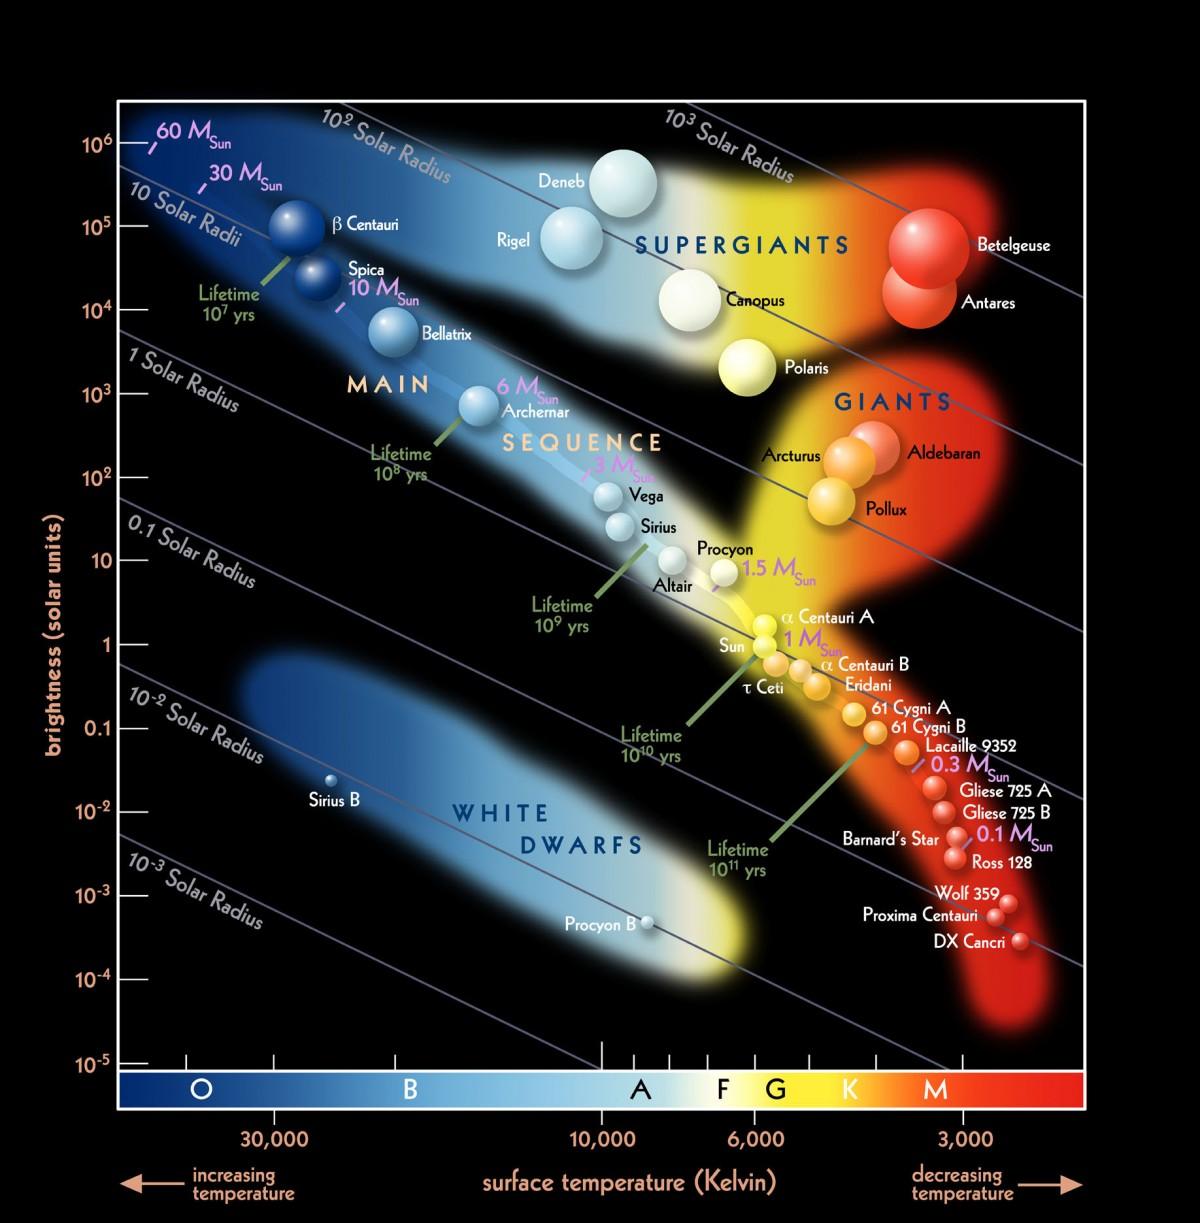 Bir diğer HR Diyagramı... Her bir pozisyona gerçek yıldızlardan örnekler verilmektedir. Ayrıca yine diyagonal çizgilerle yarıçap gösterilmektedir.